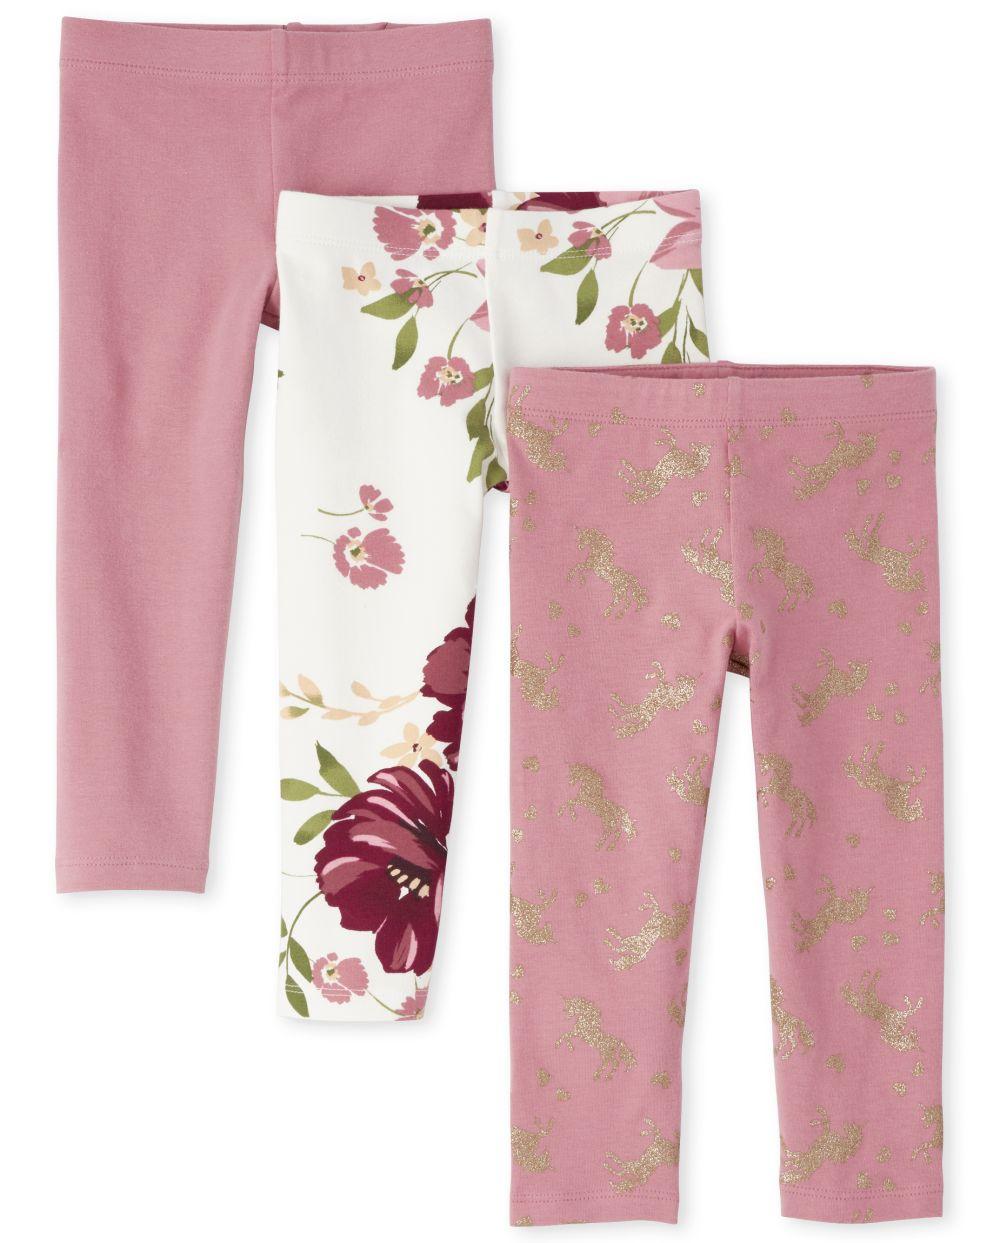 Toddler Girls Floral Unicorn Leggings 3-Pack